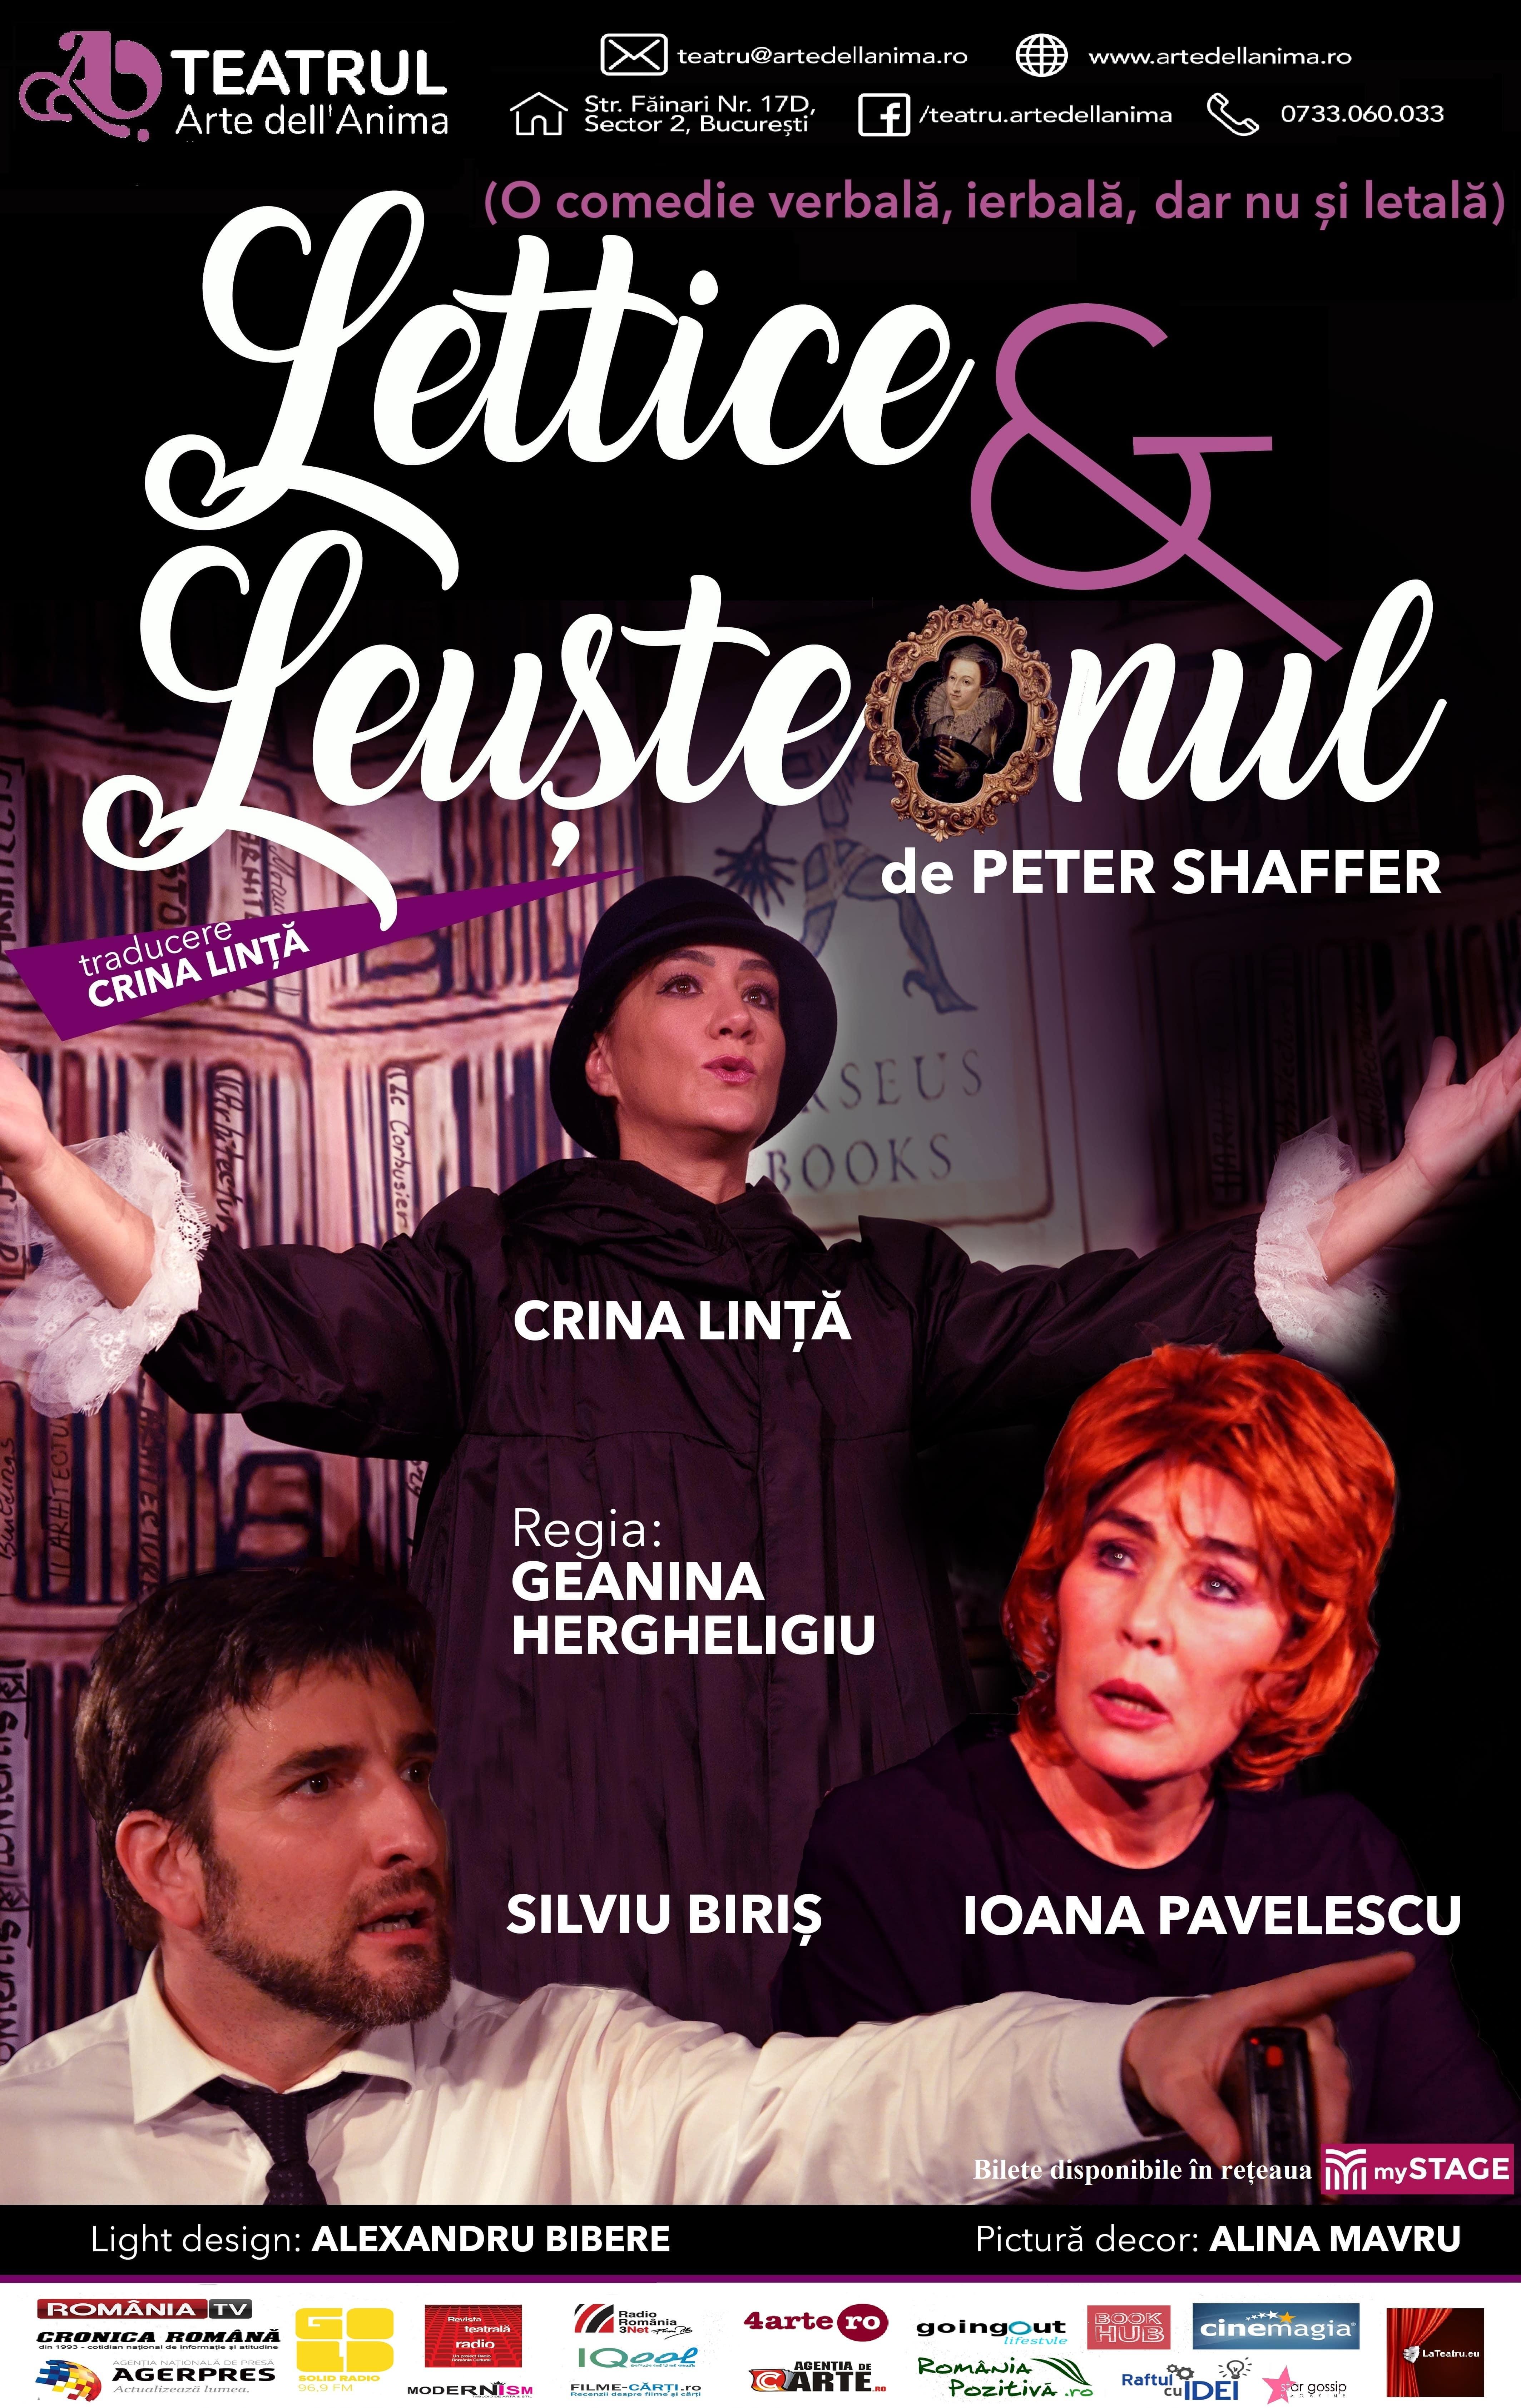 Teatrul Arte dell'Anima Poster